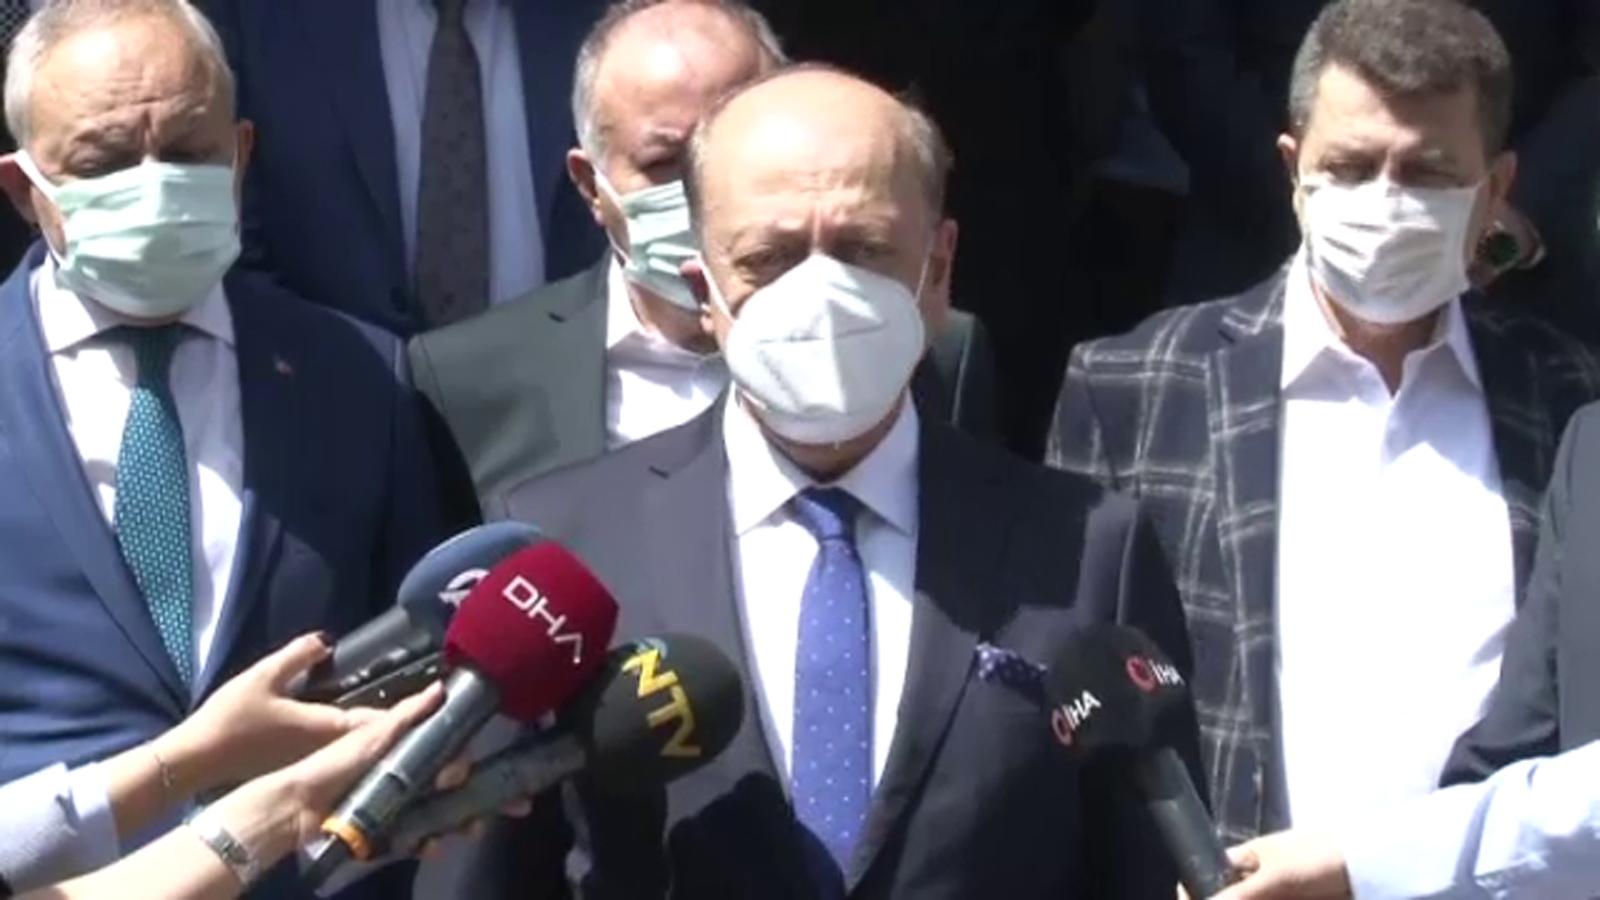 """Çalışma ve Sosyal Güvenlik Bakanı Vedat Bilgin: """"Hep çözümden yana bir tavır sergileyeceğim"""""""